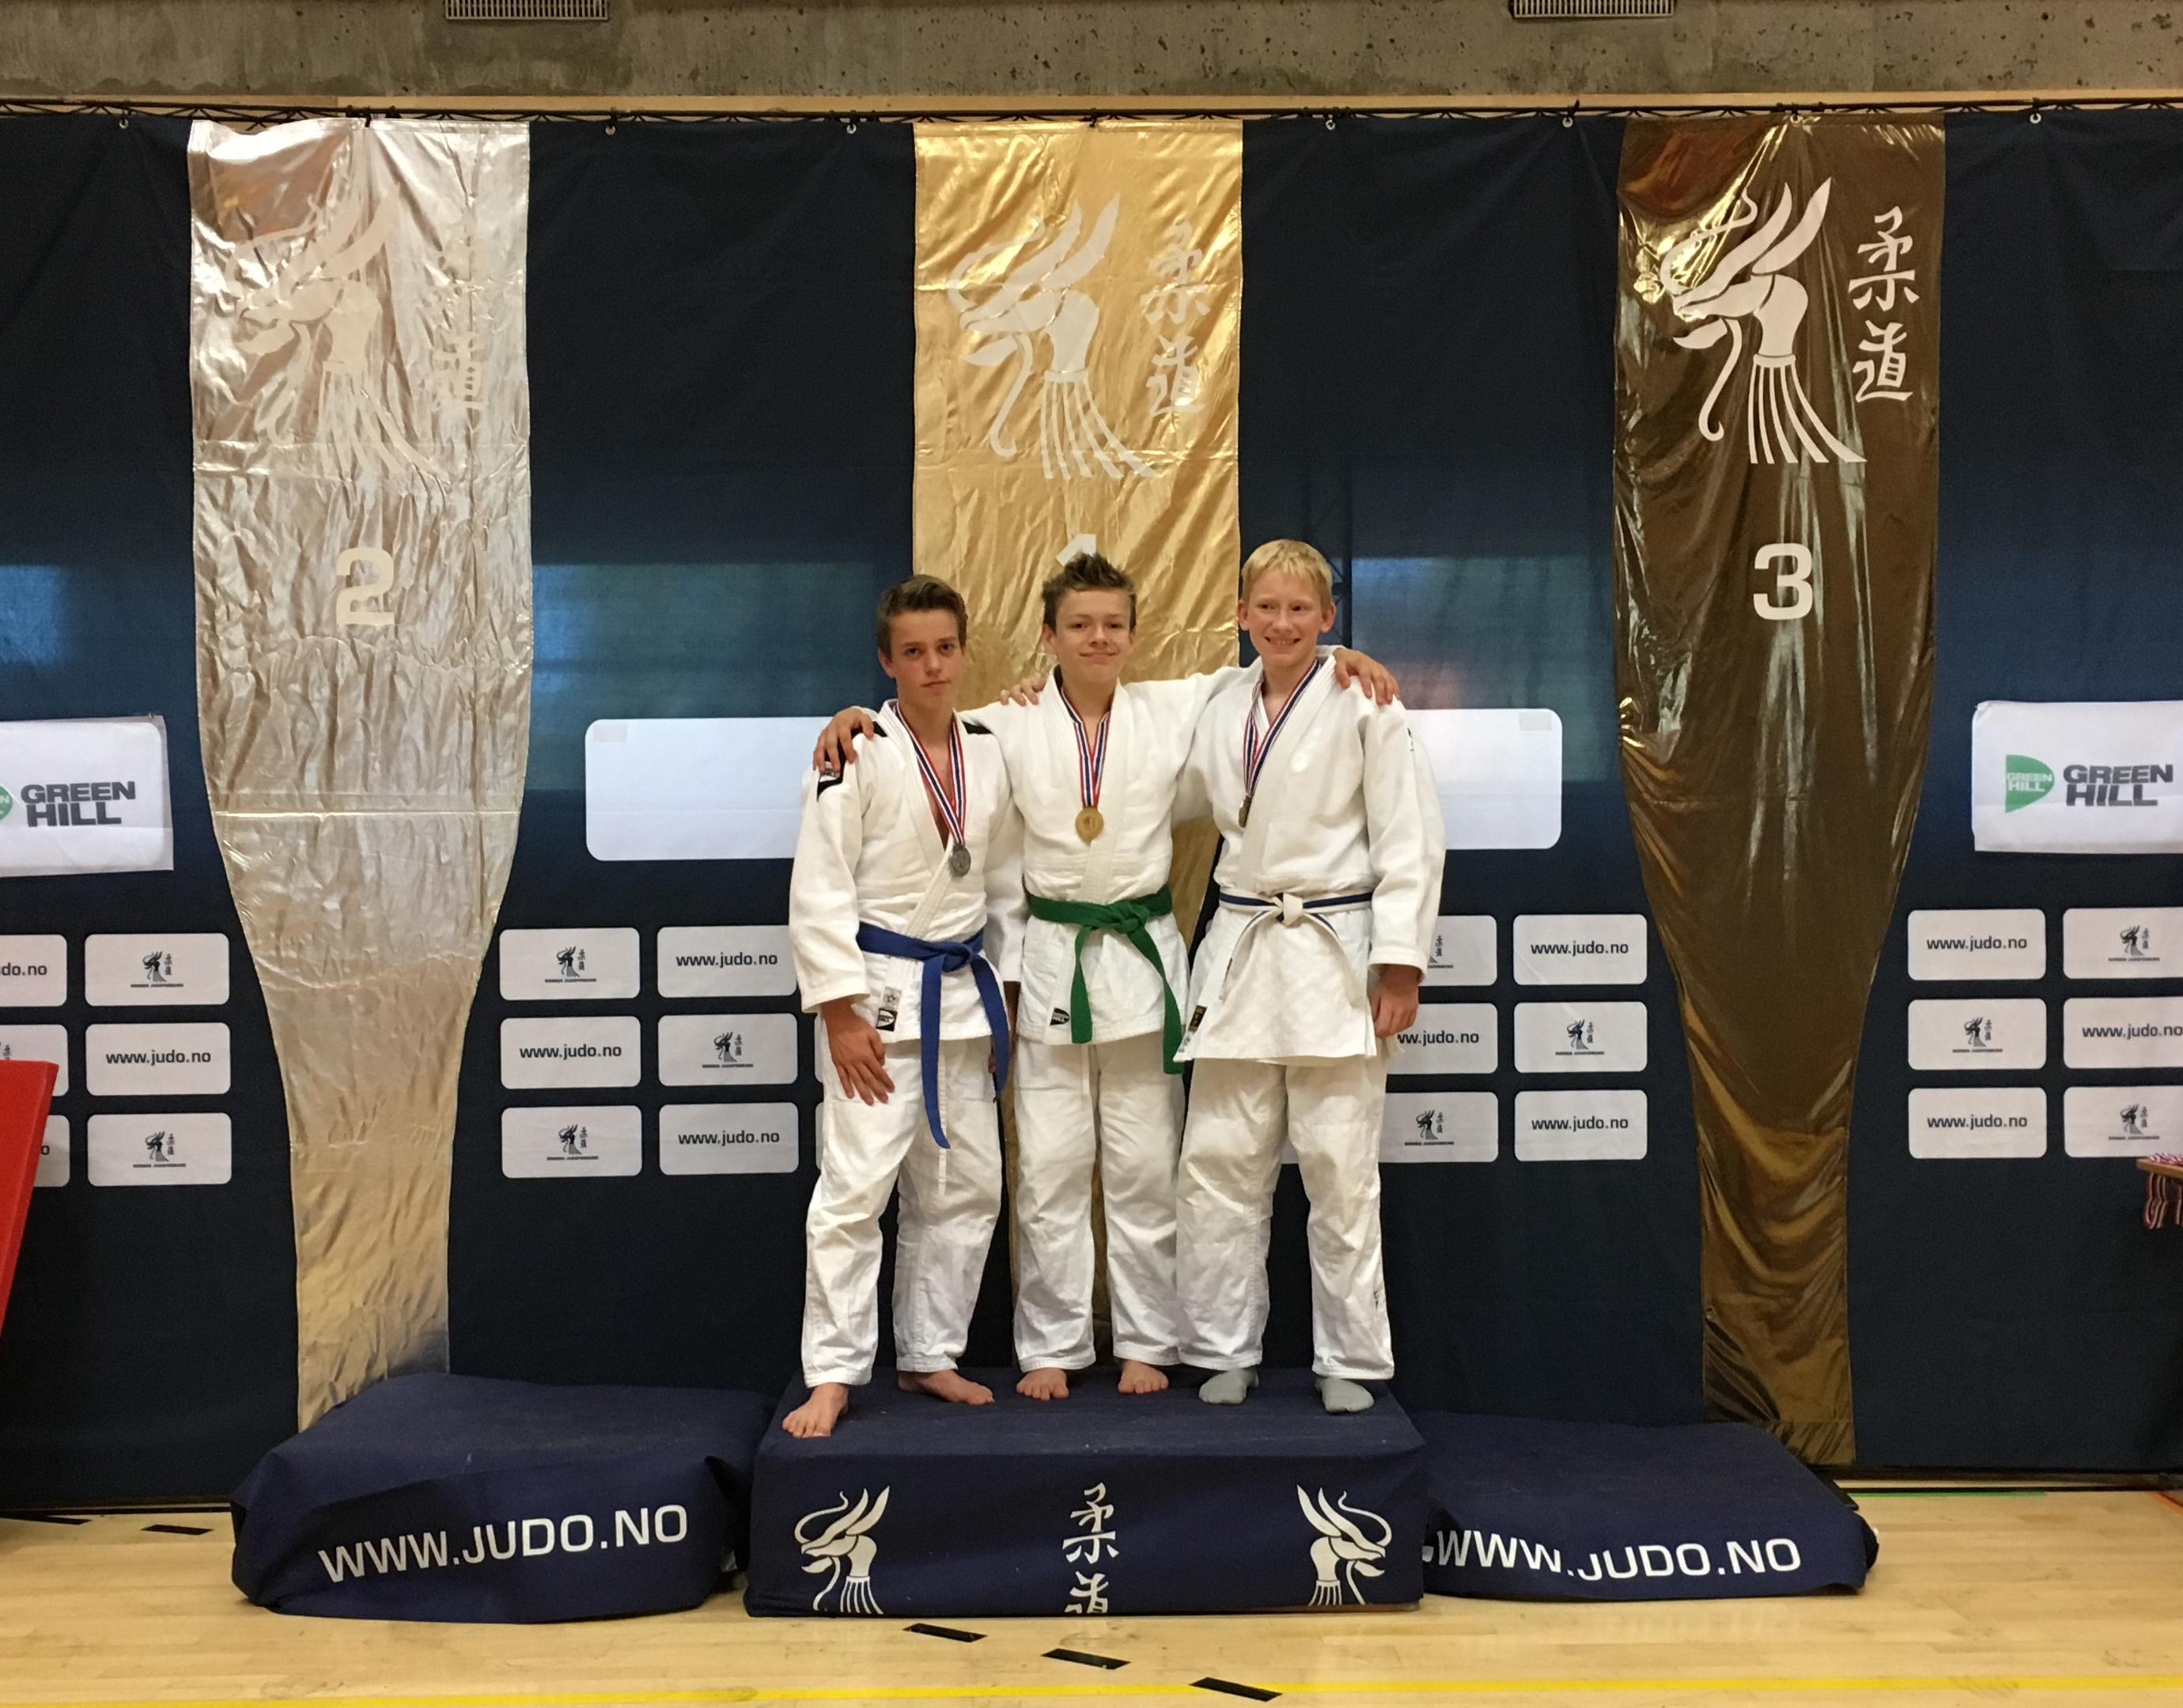 Flott sølvmedalje til Morten under Ipponcupen i Nadderudhallen i Oslo.